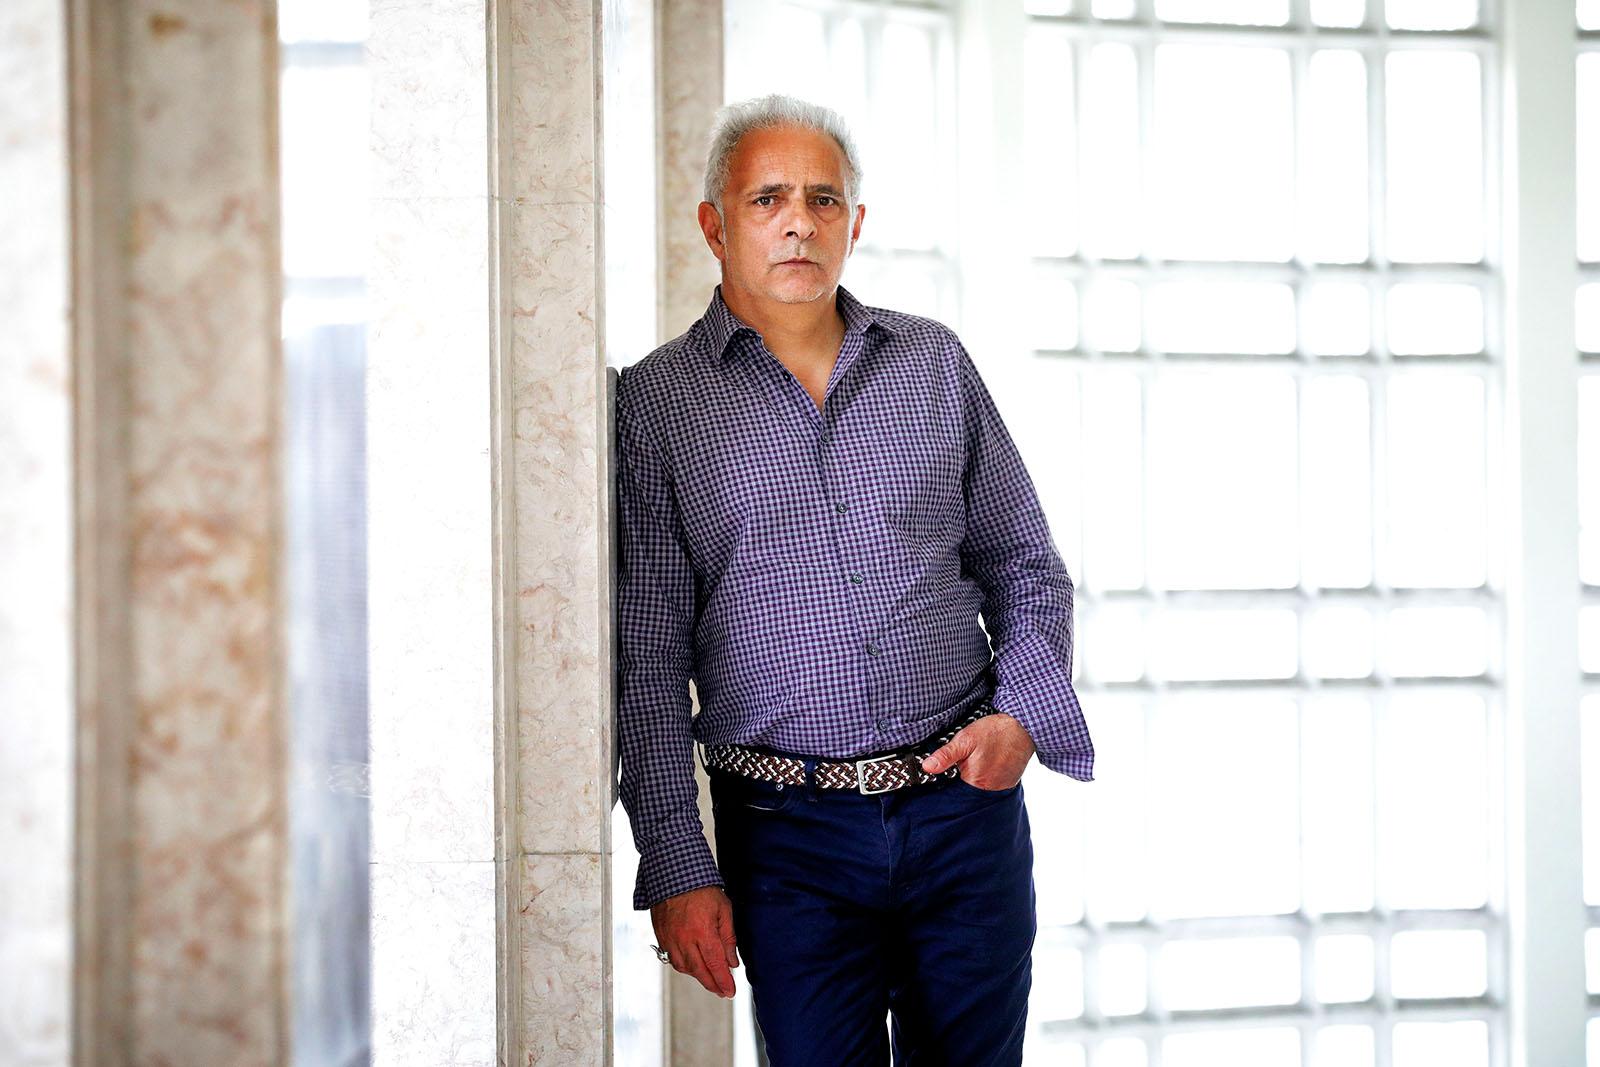 """PÚBLICO - Hanif Kureishi: """"Sou um velhote e continuo difícil"""""""